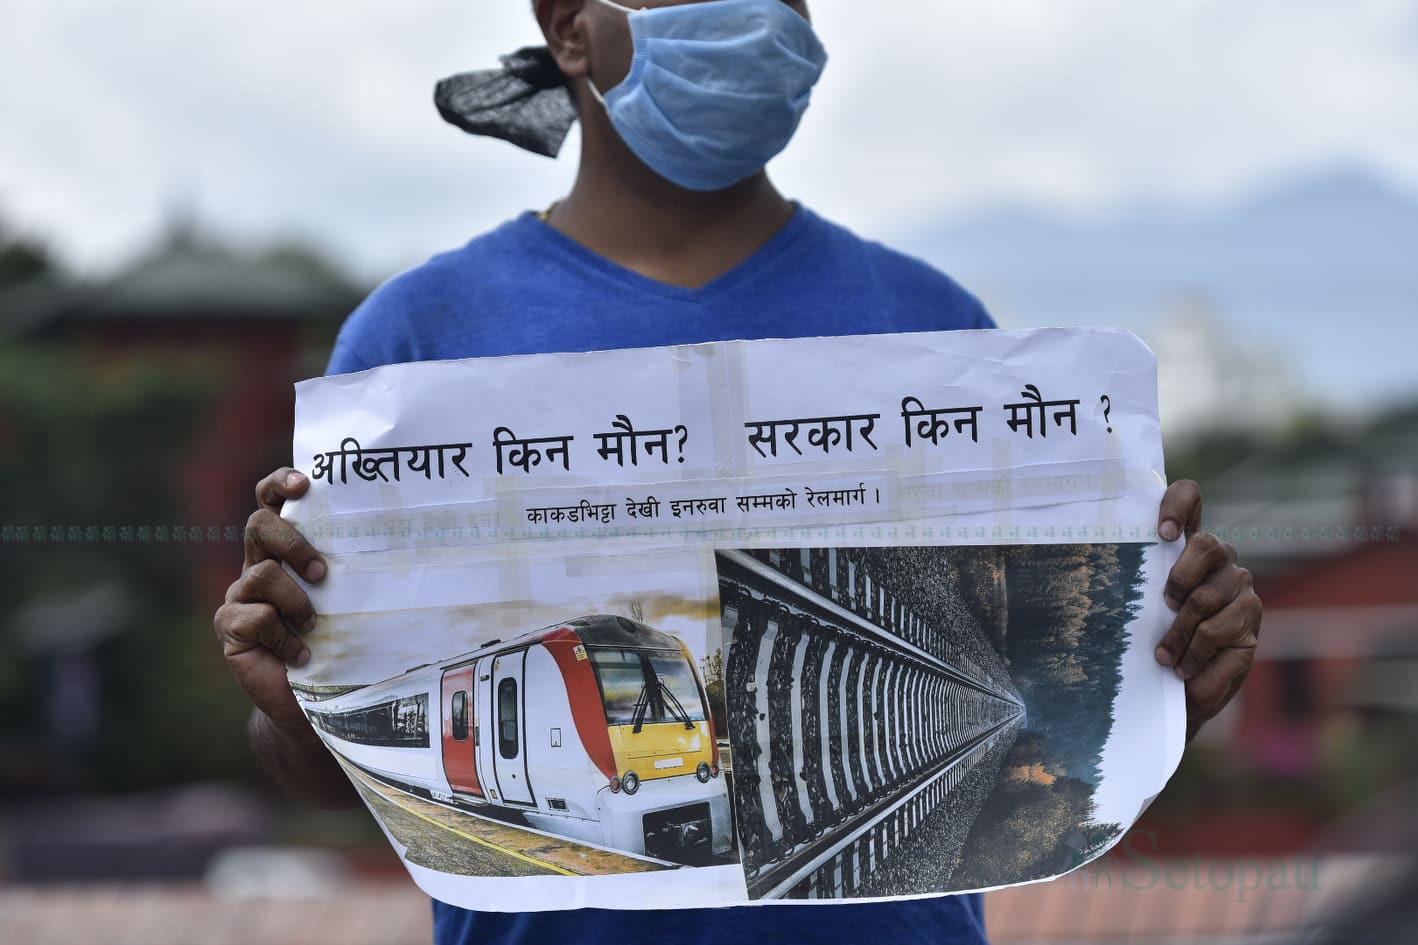 प्रमुख प्रतिपक्षी नेपाली कांग्रेसले काँकडभिट्टा–इनरूवा रेलमार्ग निर्माणमा भ्रष्टाचार भएको भन्दै  काठमाडौमा बिरोध प्रर्दशन